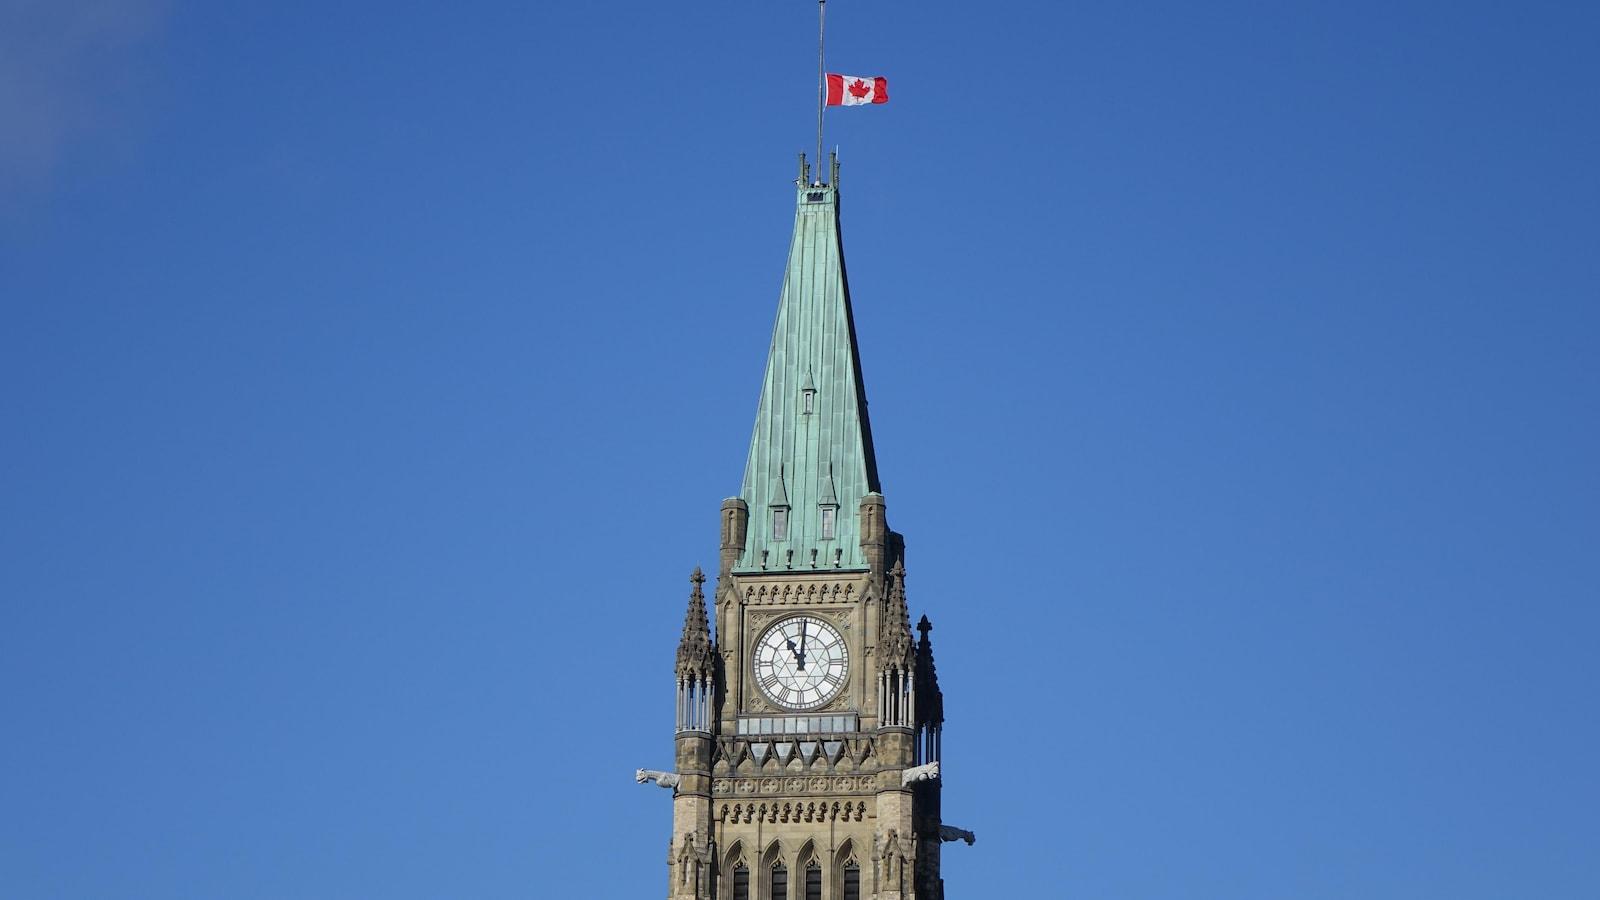 La tour de la Paix à Ottawa, à 11 h le 11 novembre 2018. Le drapeau est en berne.